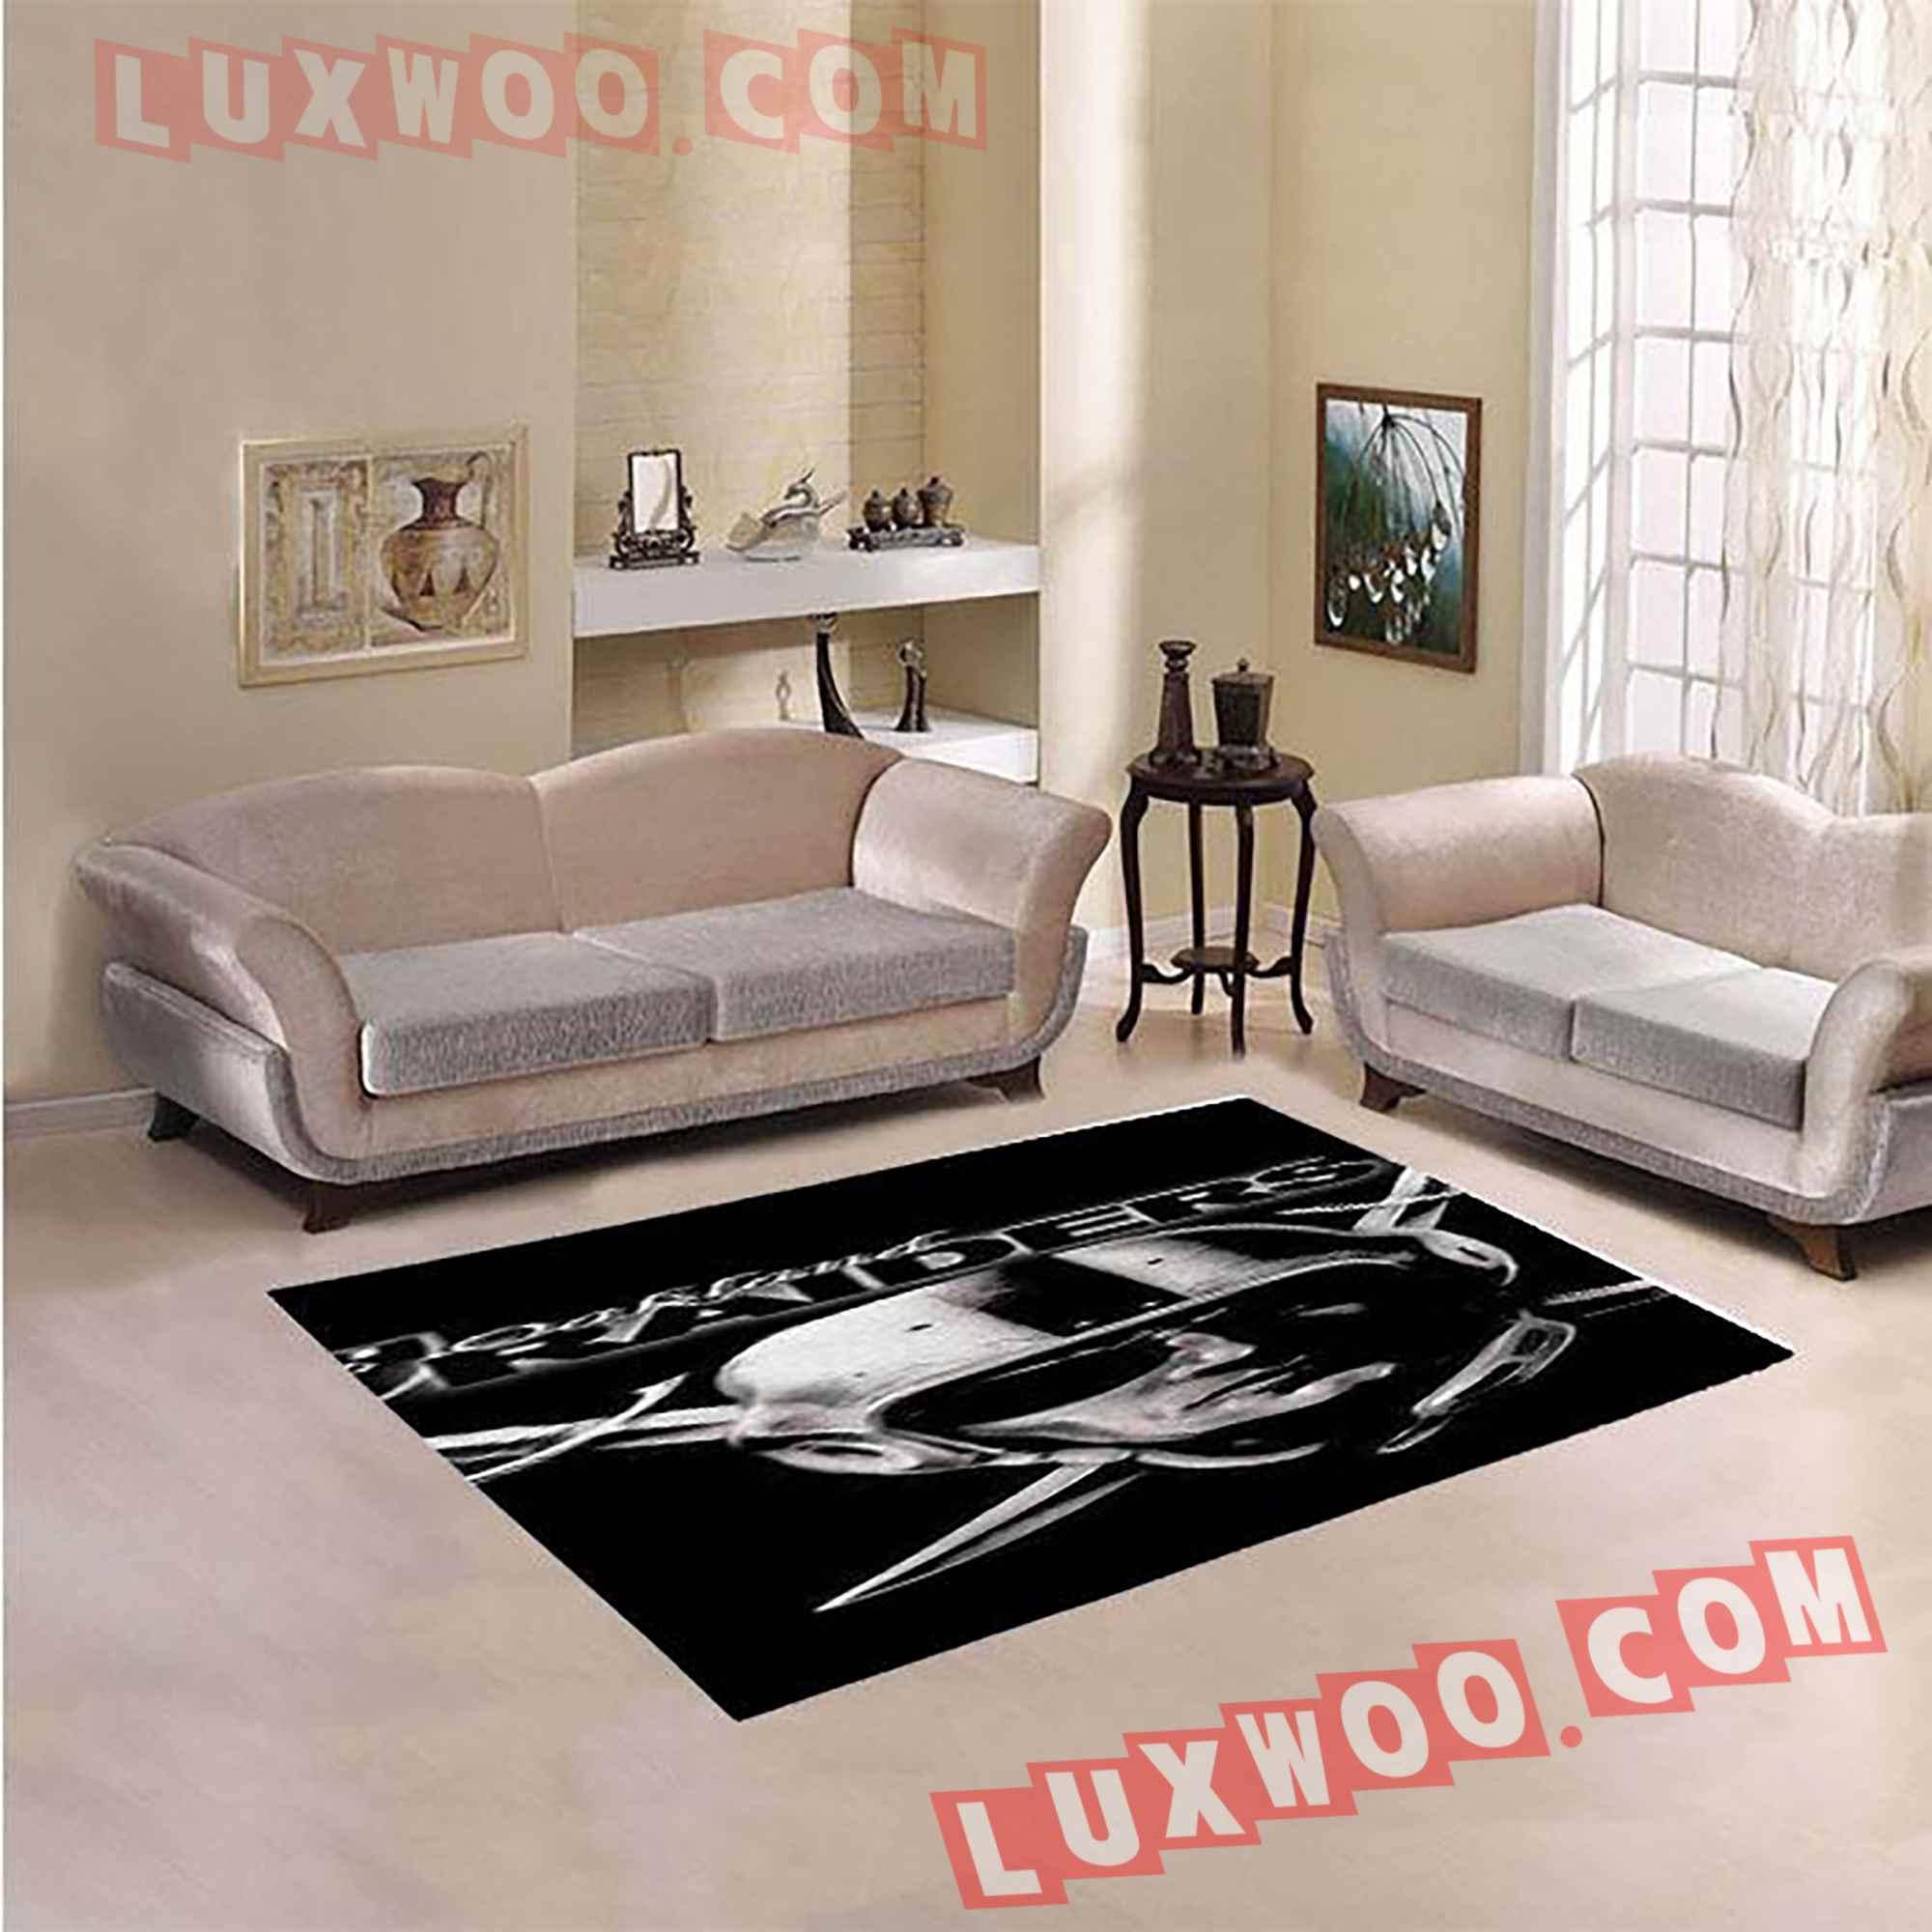 Oakland Raiders Nfl 3d Living Room Rugs V5